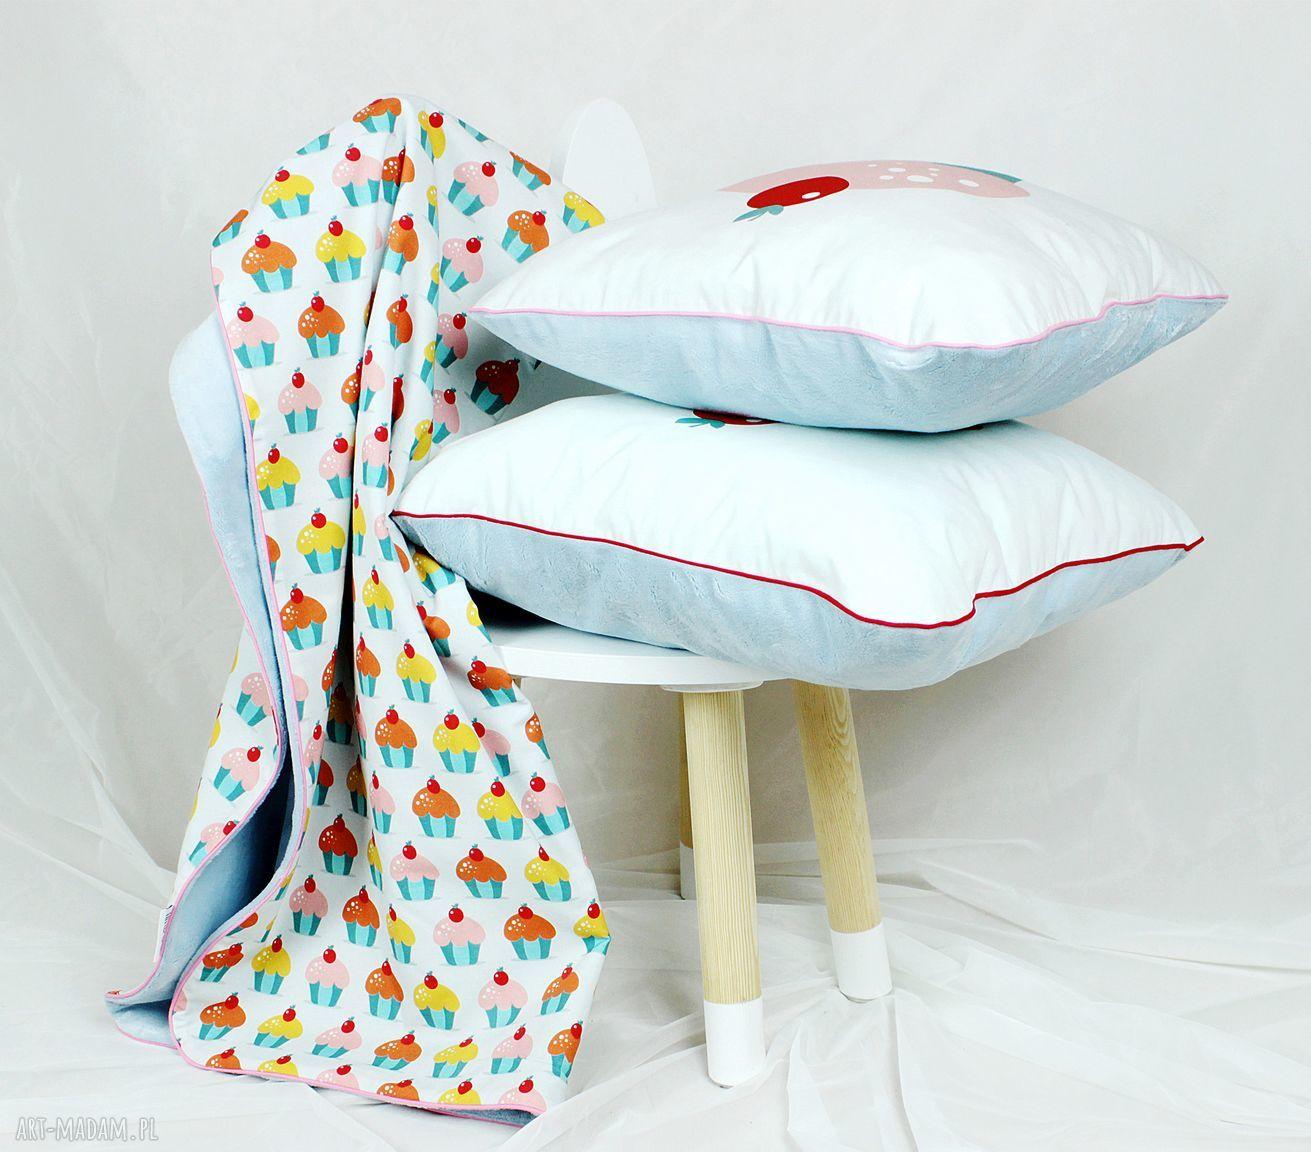 niebieskie pokoik dziecka poduszka zestaw kocyk poduszki muffinki